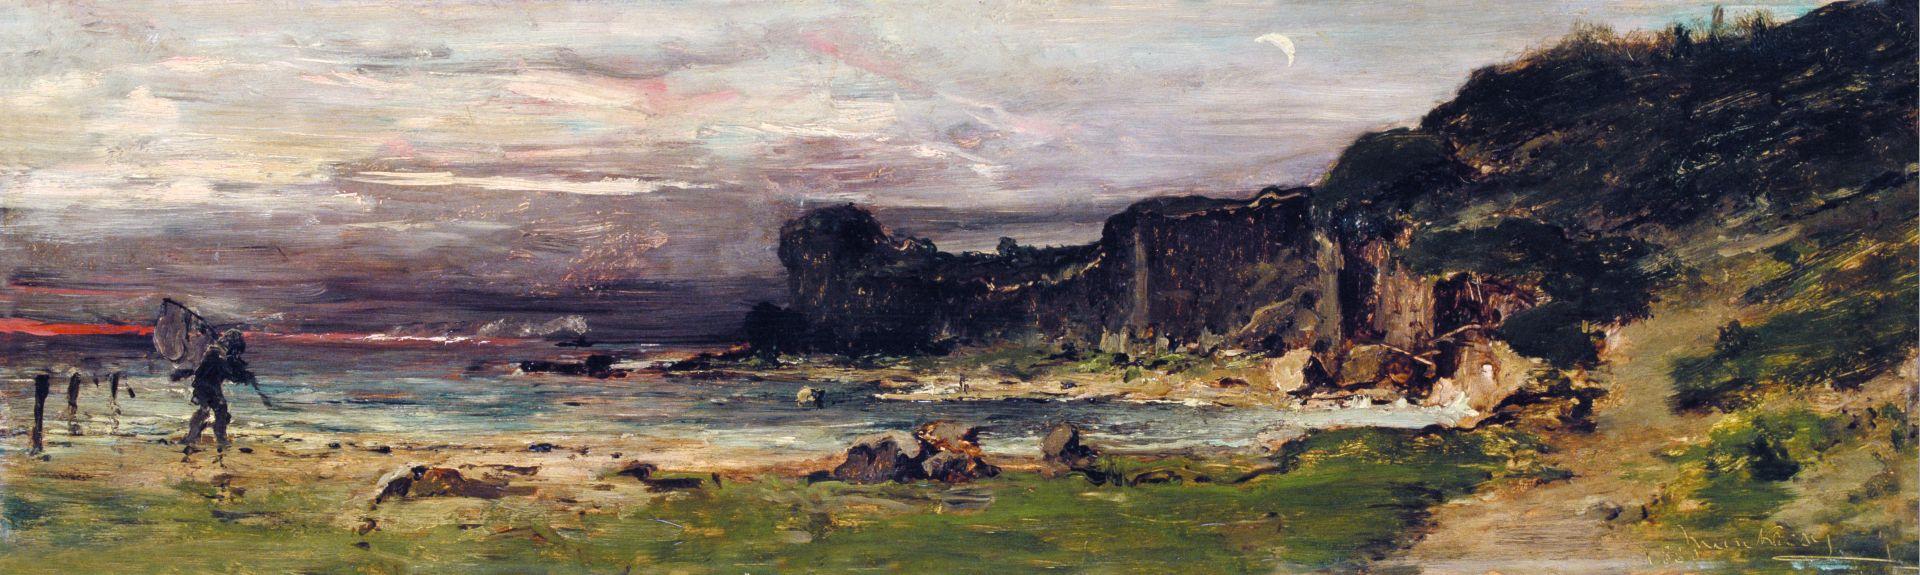 Михай Либ Мункачи. Морское побережье в Нормандии